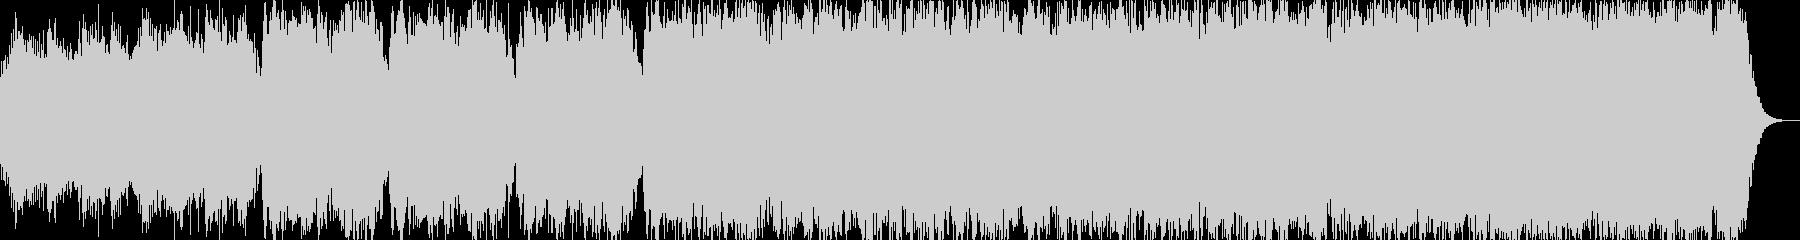 オカリナの幻想的な喜多郎風サウンドです。の未再生の波形